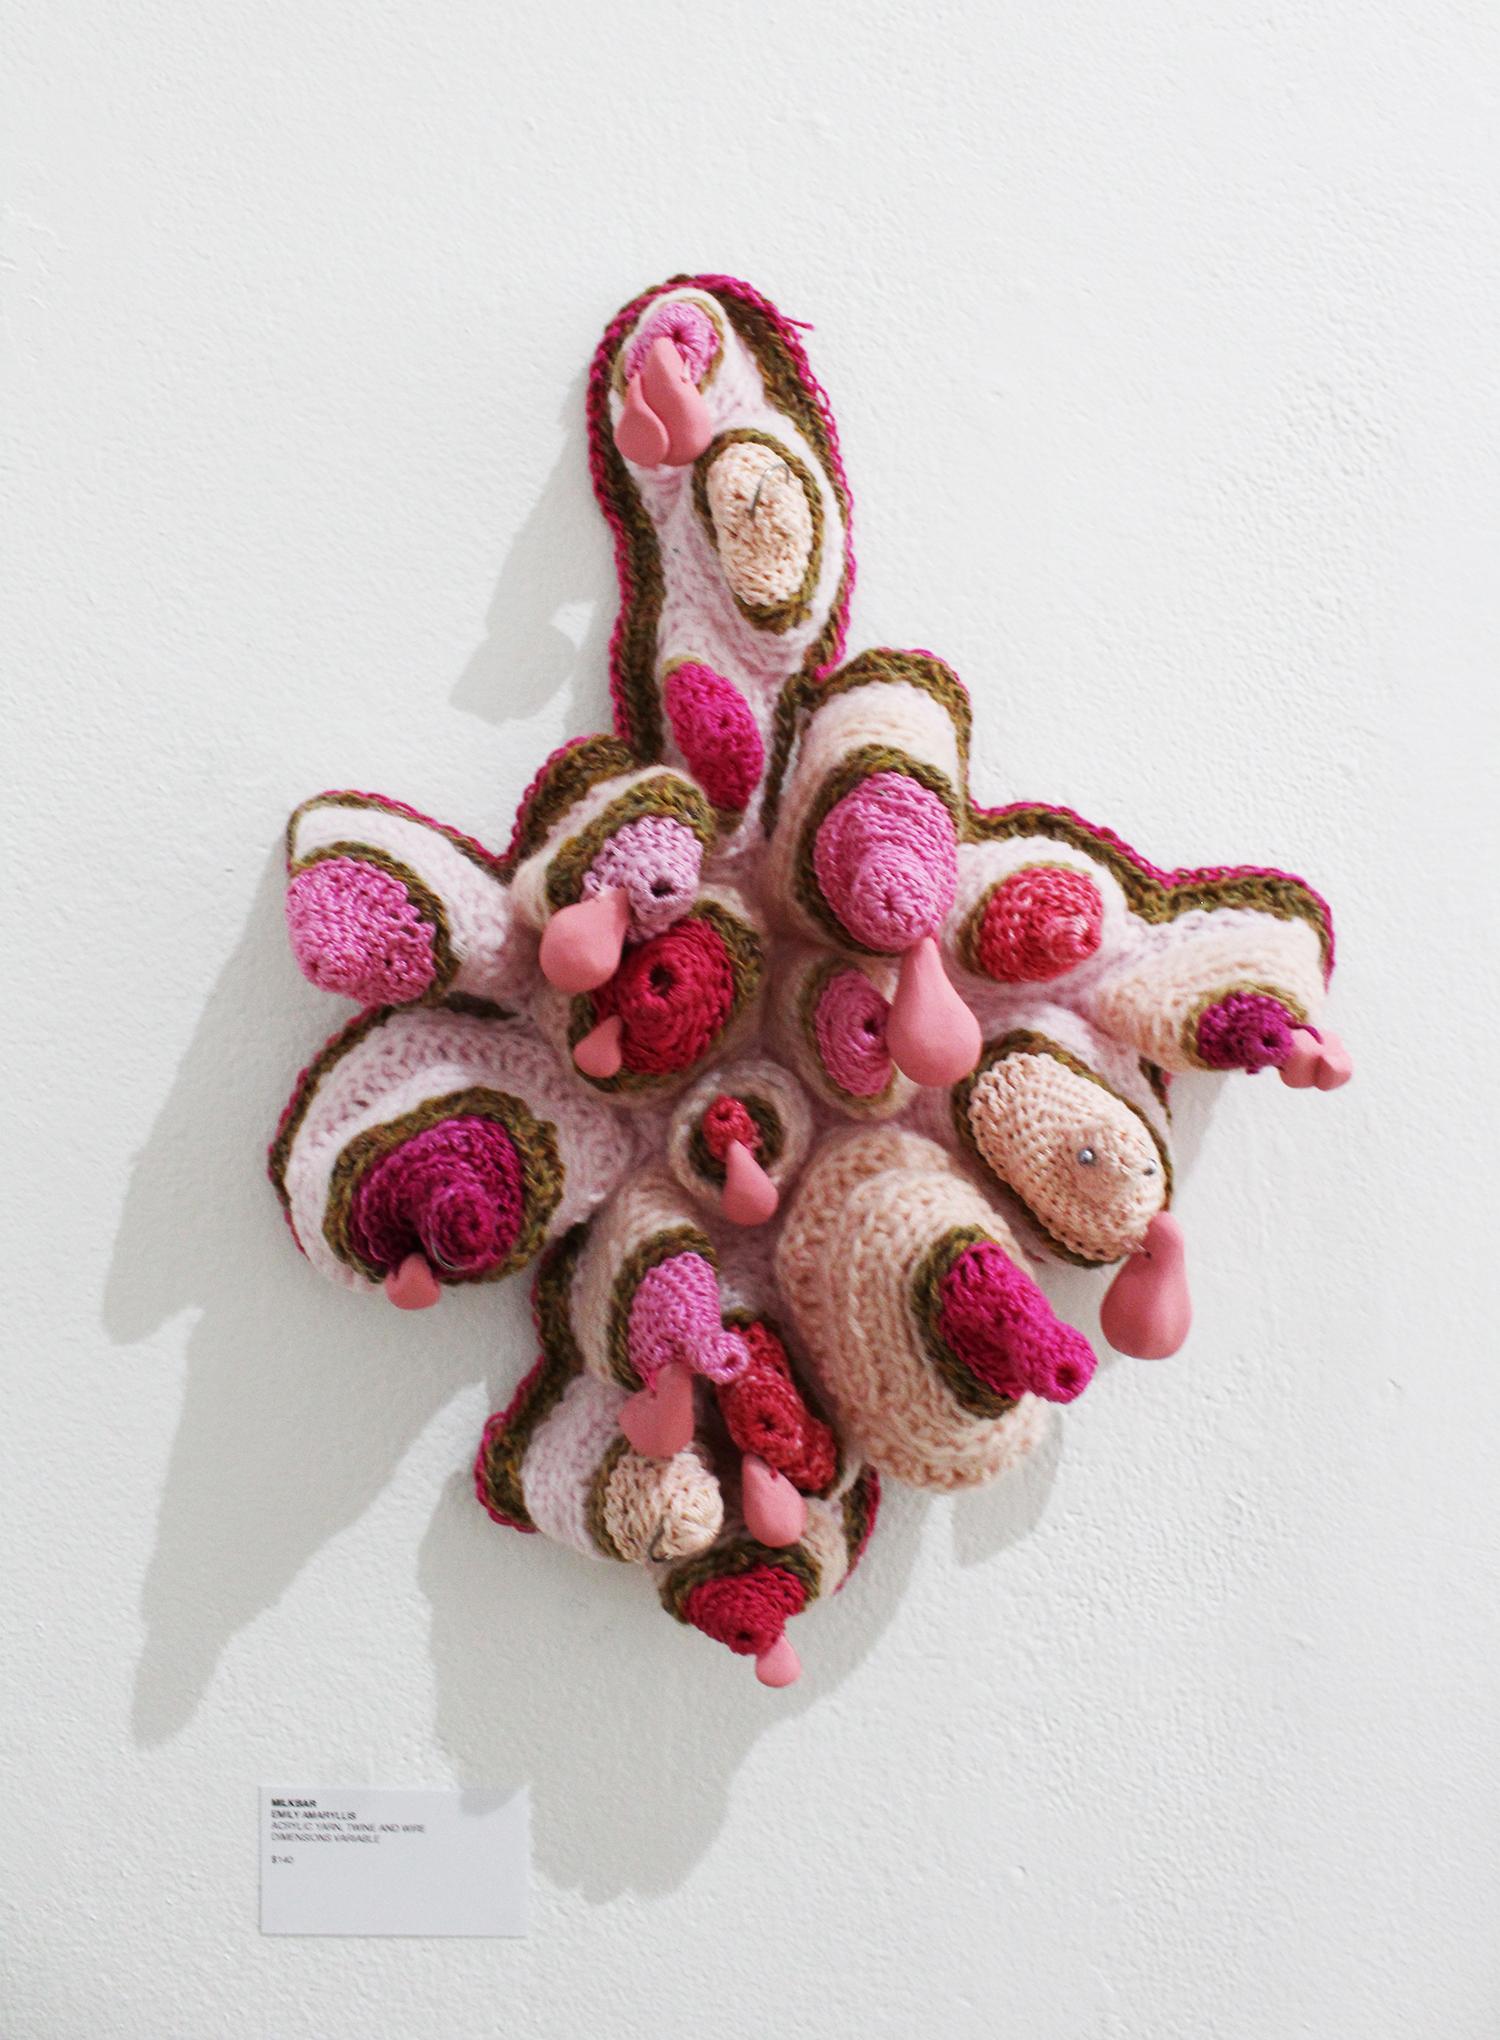 Emily Amaryllis,  Milkbar , acryllic yarn, twine and wire, dimensions variable